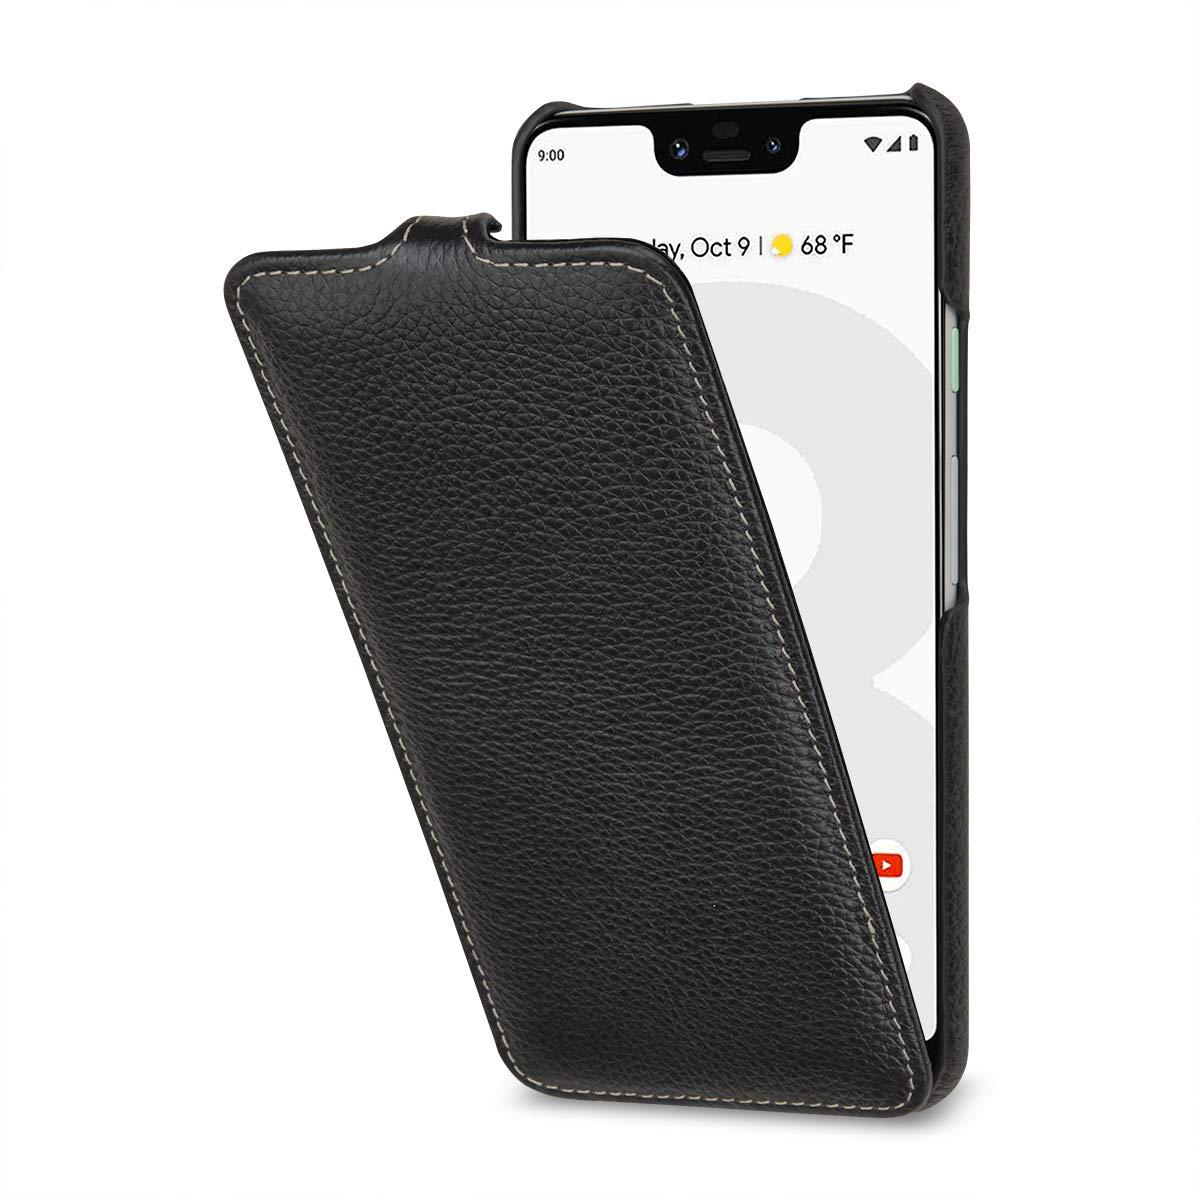 first rate 6e962 b15dd StilGut UltraSlim Google Pixel 3 XL Case. Vertical Flip Case for Google  Pixel 3XL Made of Genuine Leather, Black